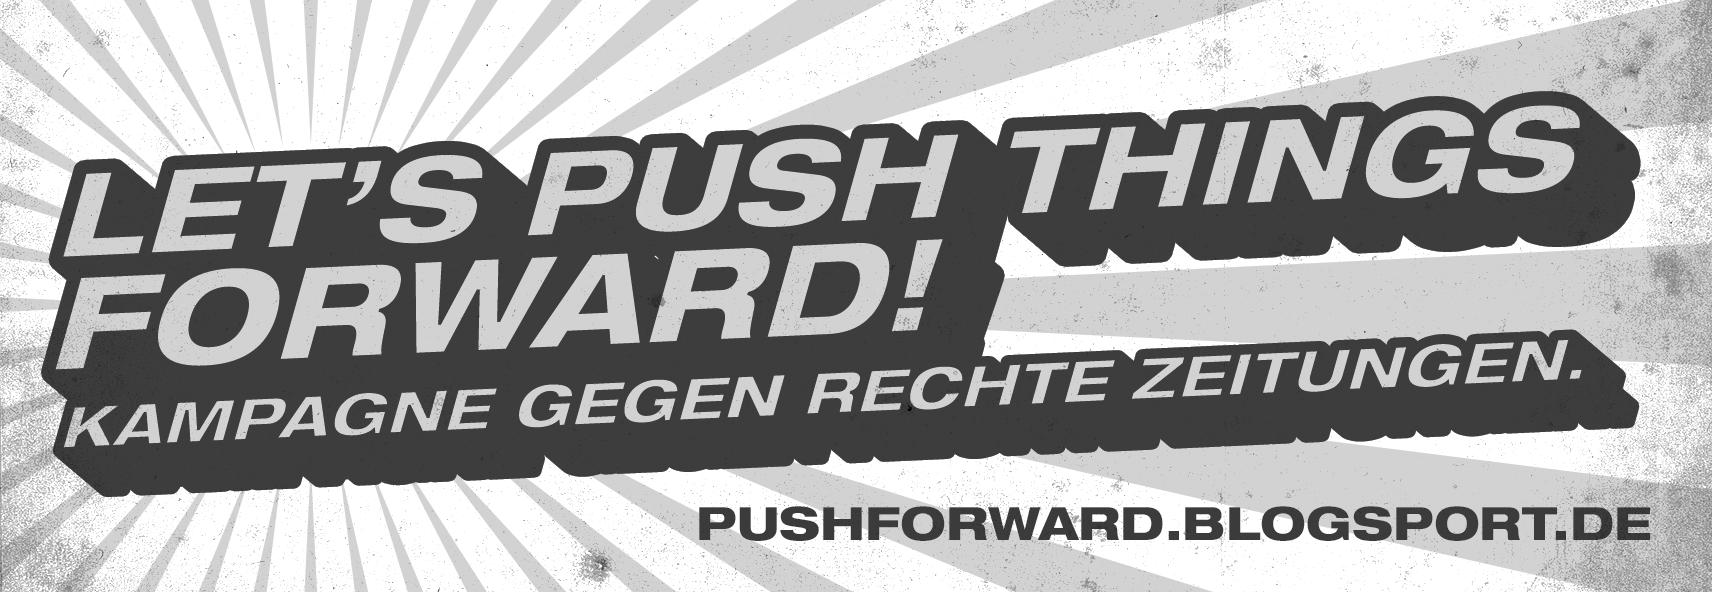 kampagne gegen rechte zeitungen - lptf